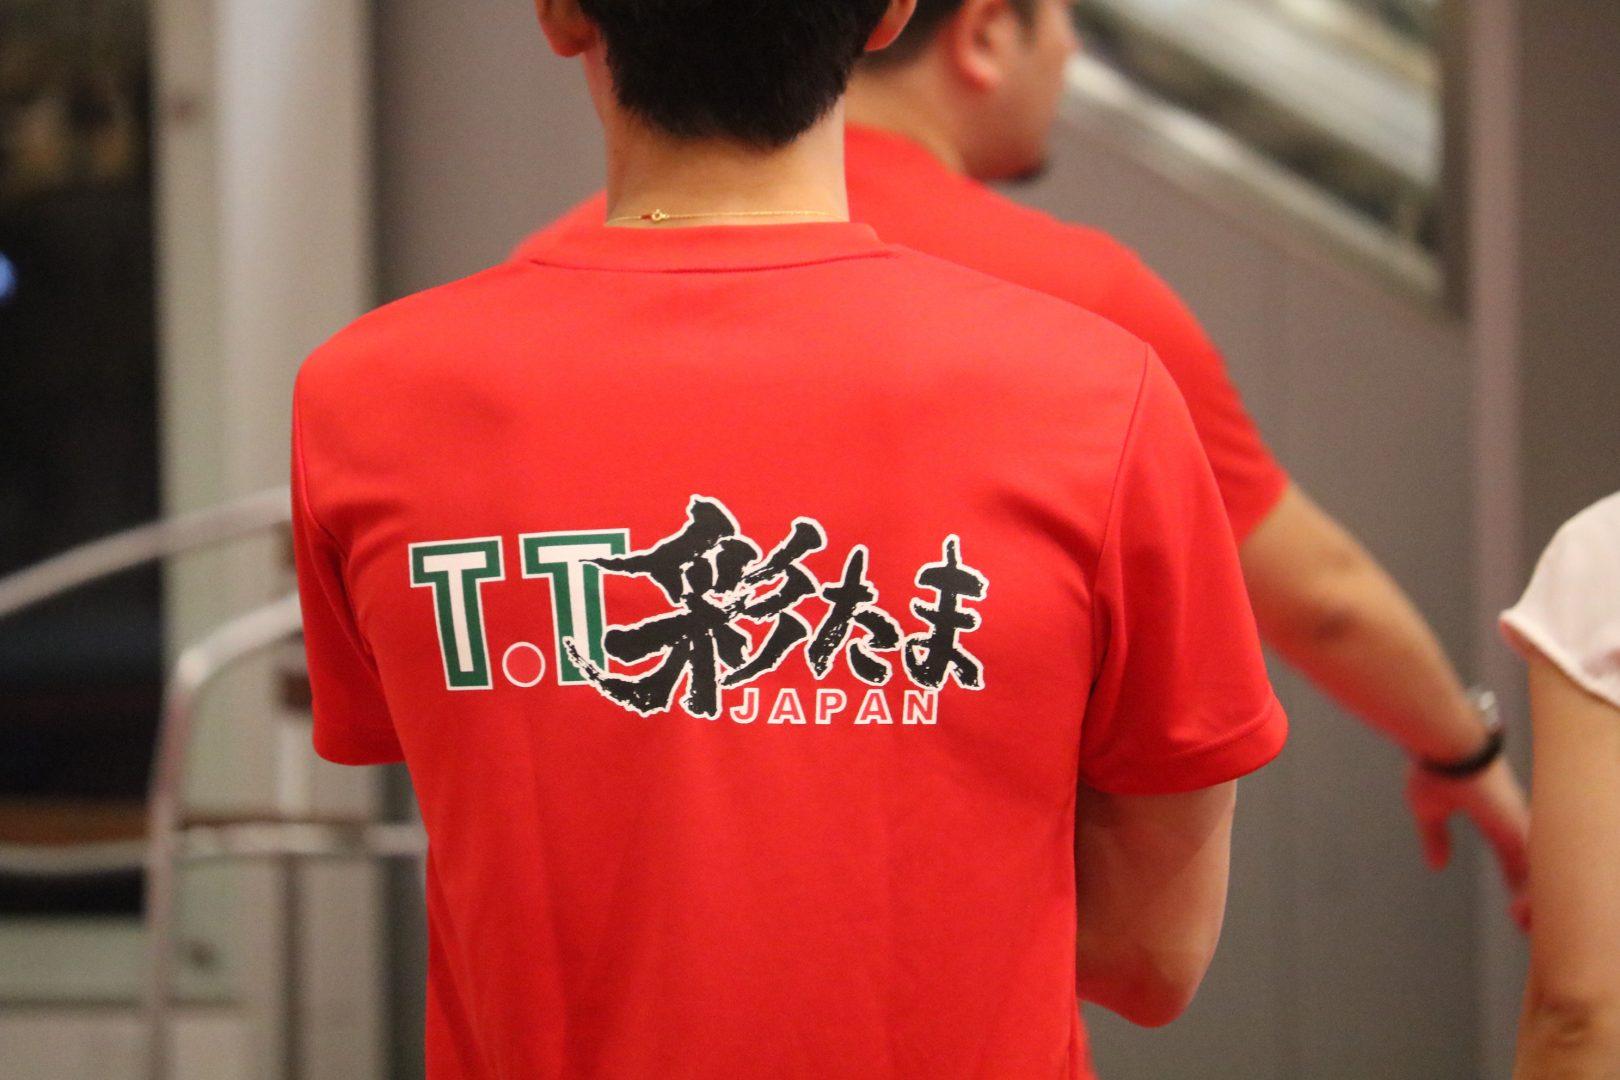 【卓球】Tリーグ観戦をより身近に T.T彩たまがファンクラブ設立